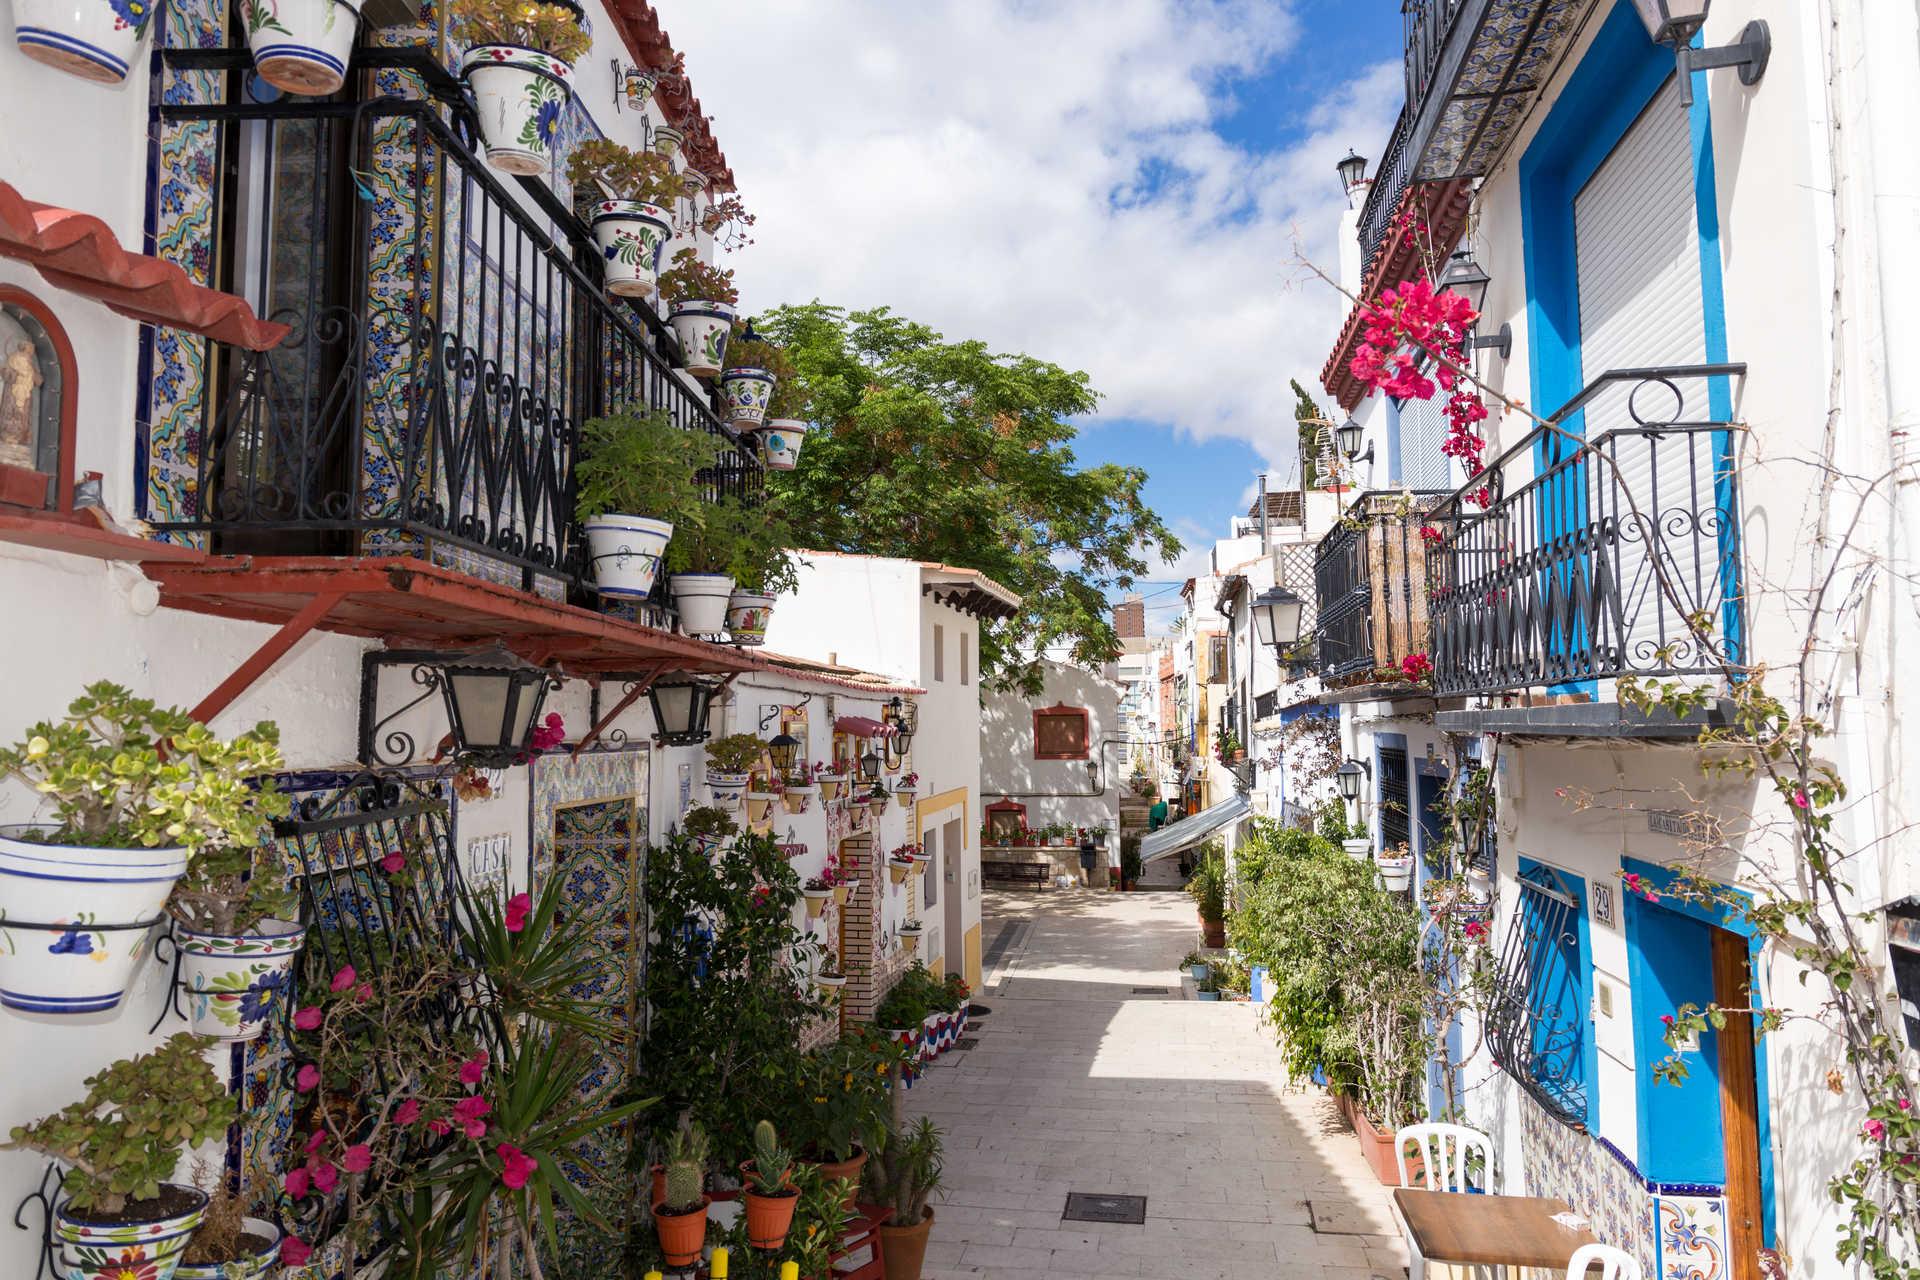 https://multimedia.comunitatvalenciana.com/1A3821679A04436A94CDD6066B327AEA/img/47B721CDB15941D0B4B4B778B2D6E23C/Barrio_Santa_Cruz-4391.jpg?responsive